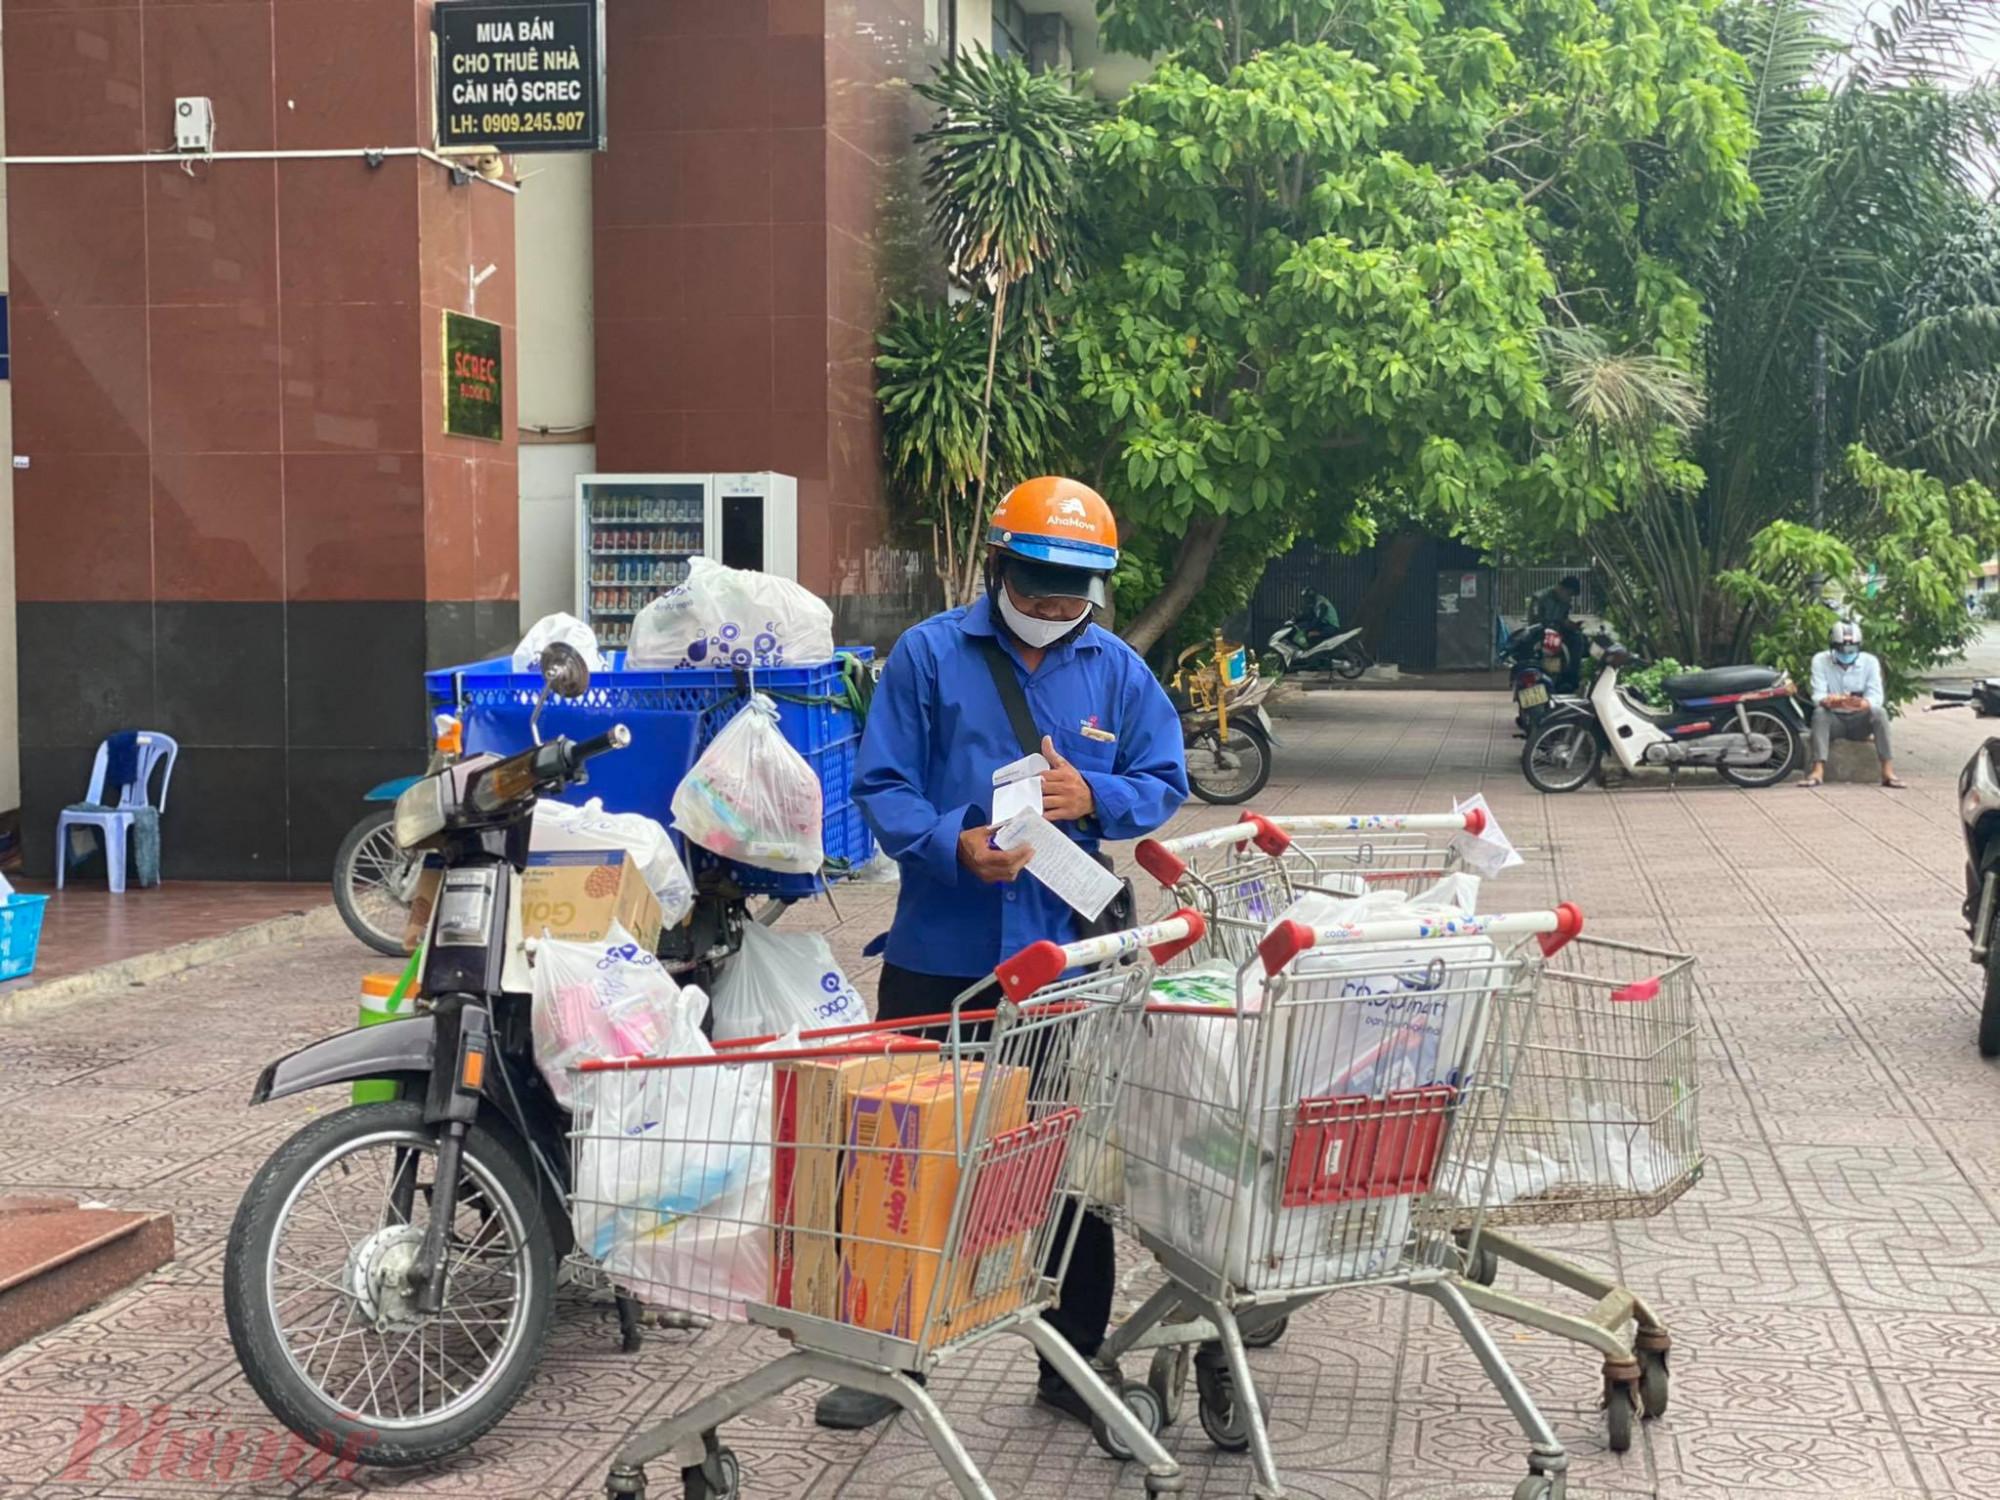 Đội ngũ giao hàng tại siêu thị đang chuẩn bị giao hàng cho khách